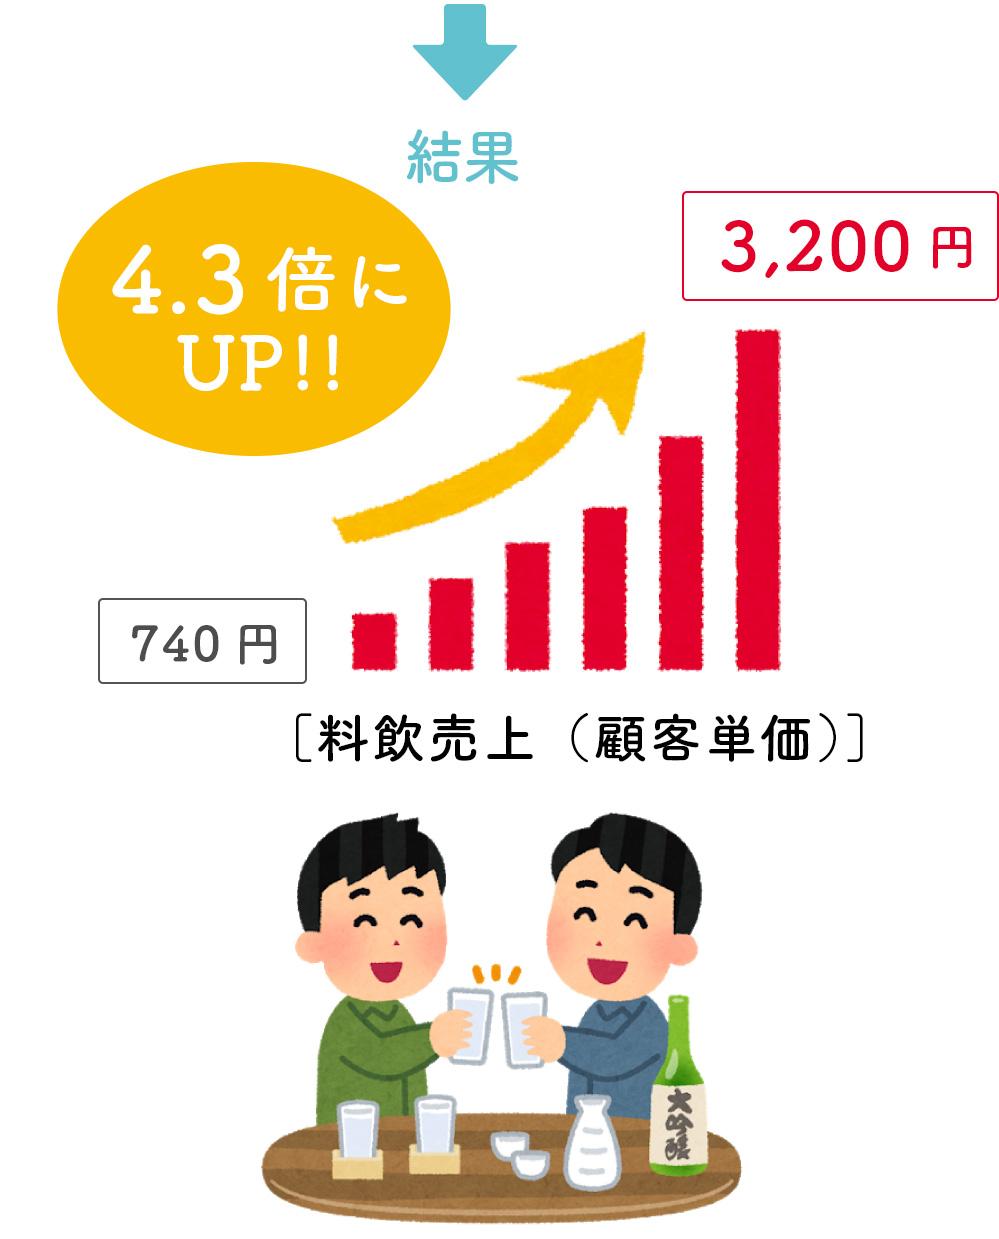 結果、料飲売上(顧客単価)4.3倍にUP!!